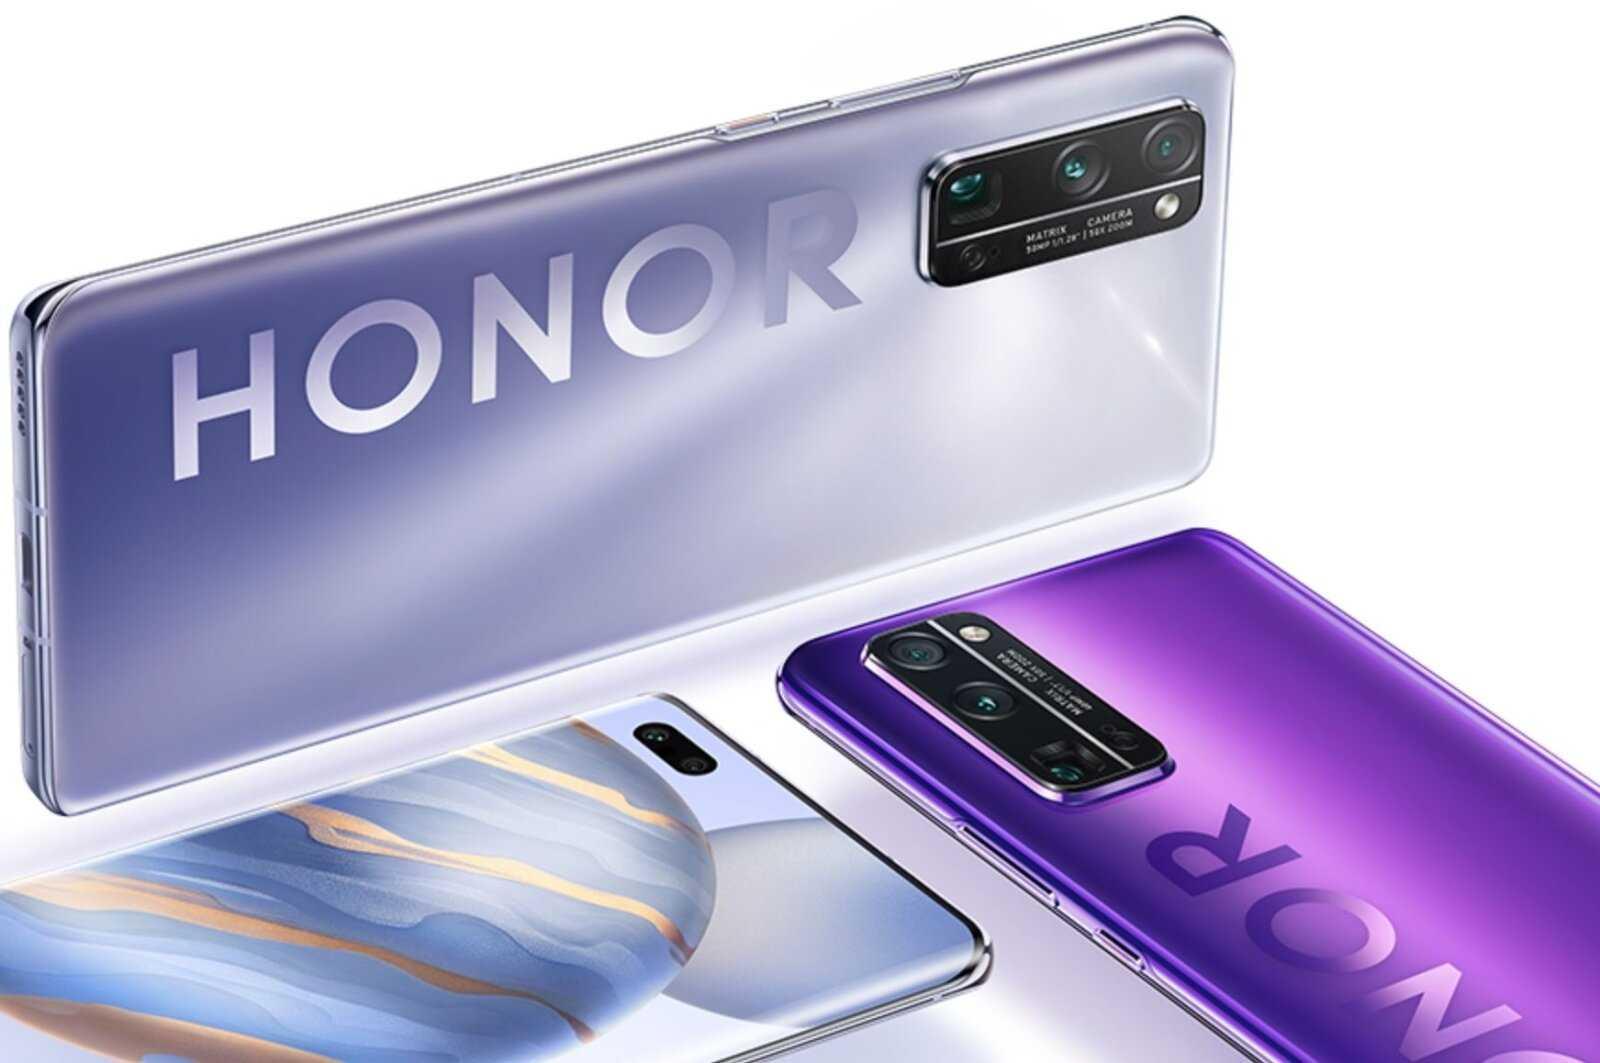 Les prochains smartphones Honor disposeront des services Google